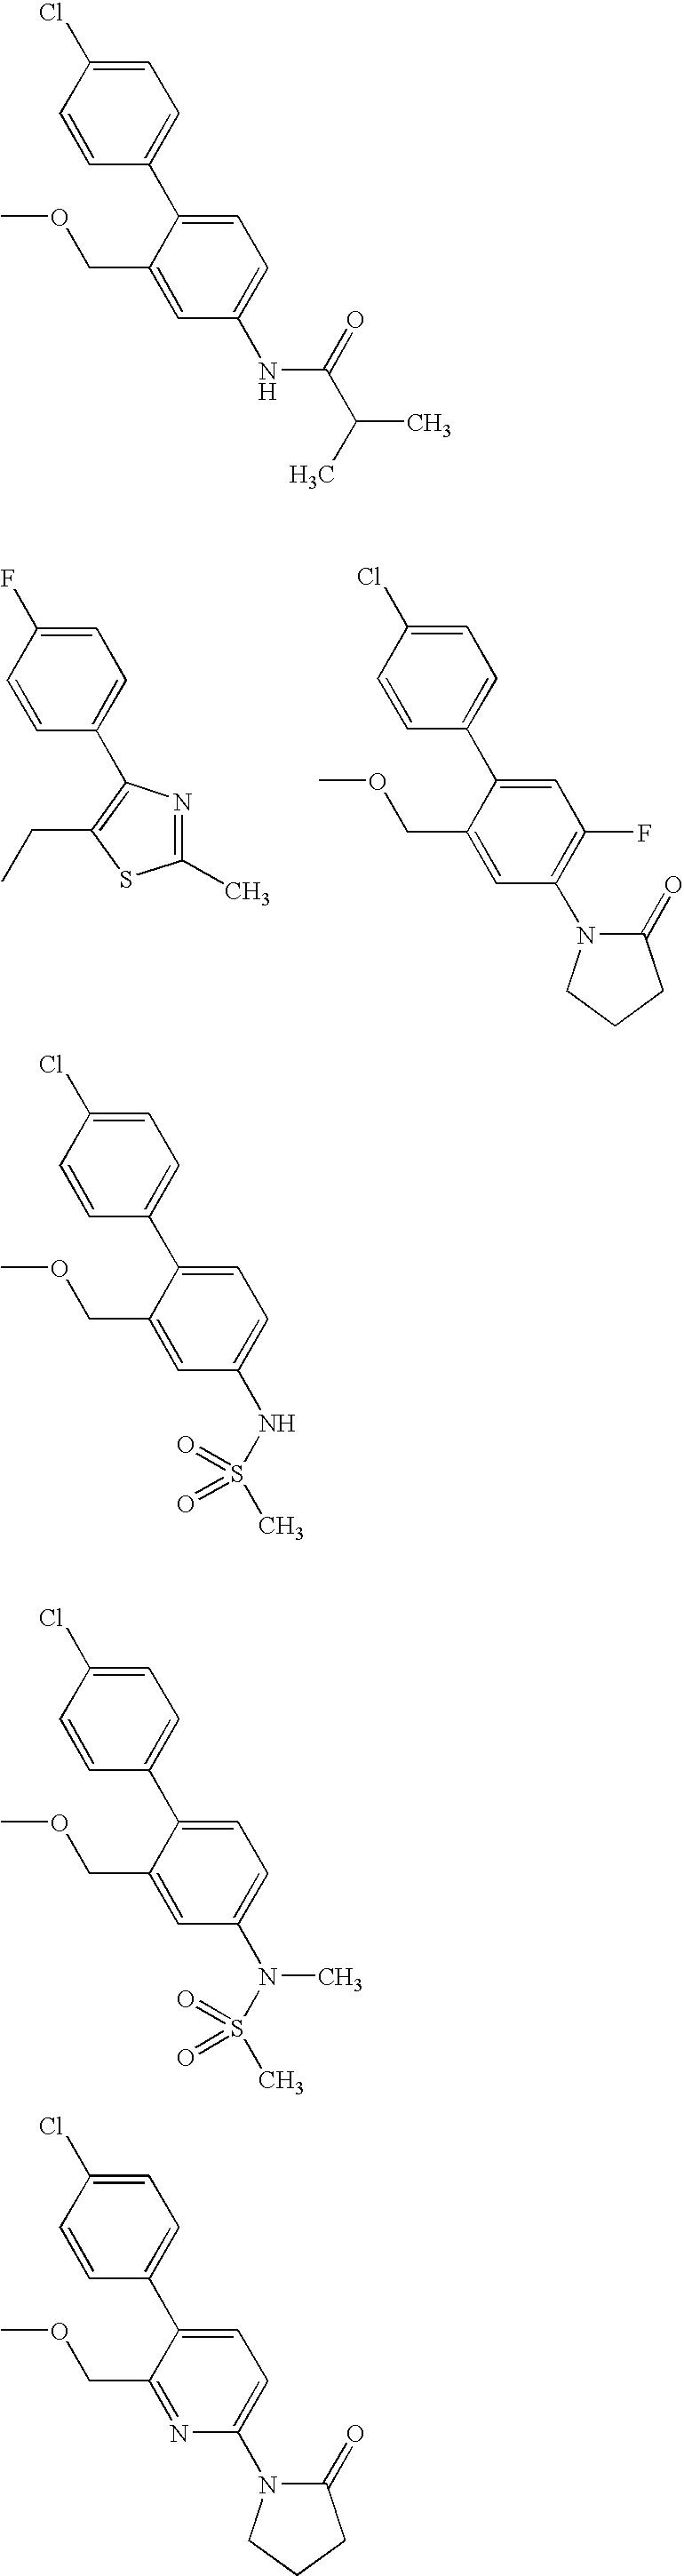 Figure US20070049593A1-20070301-C00261